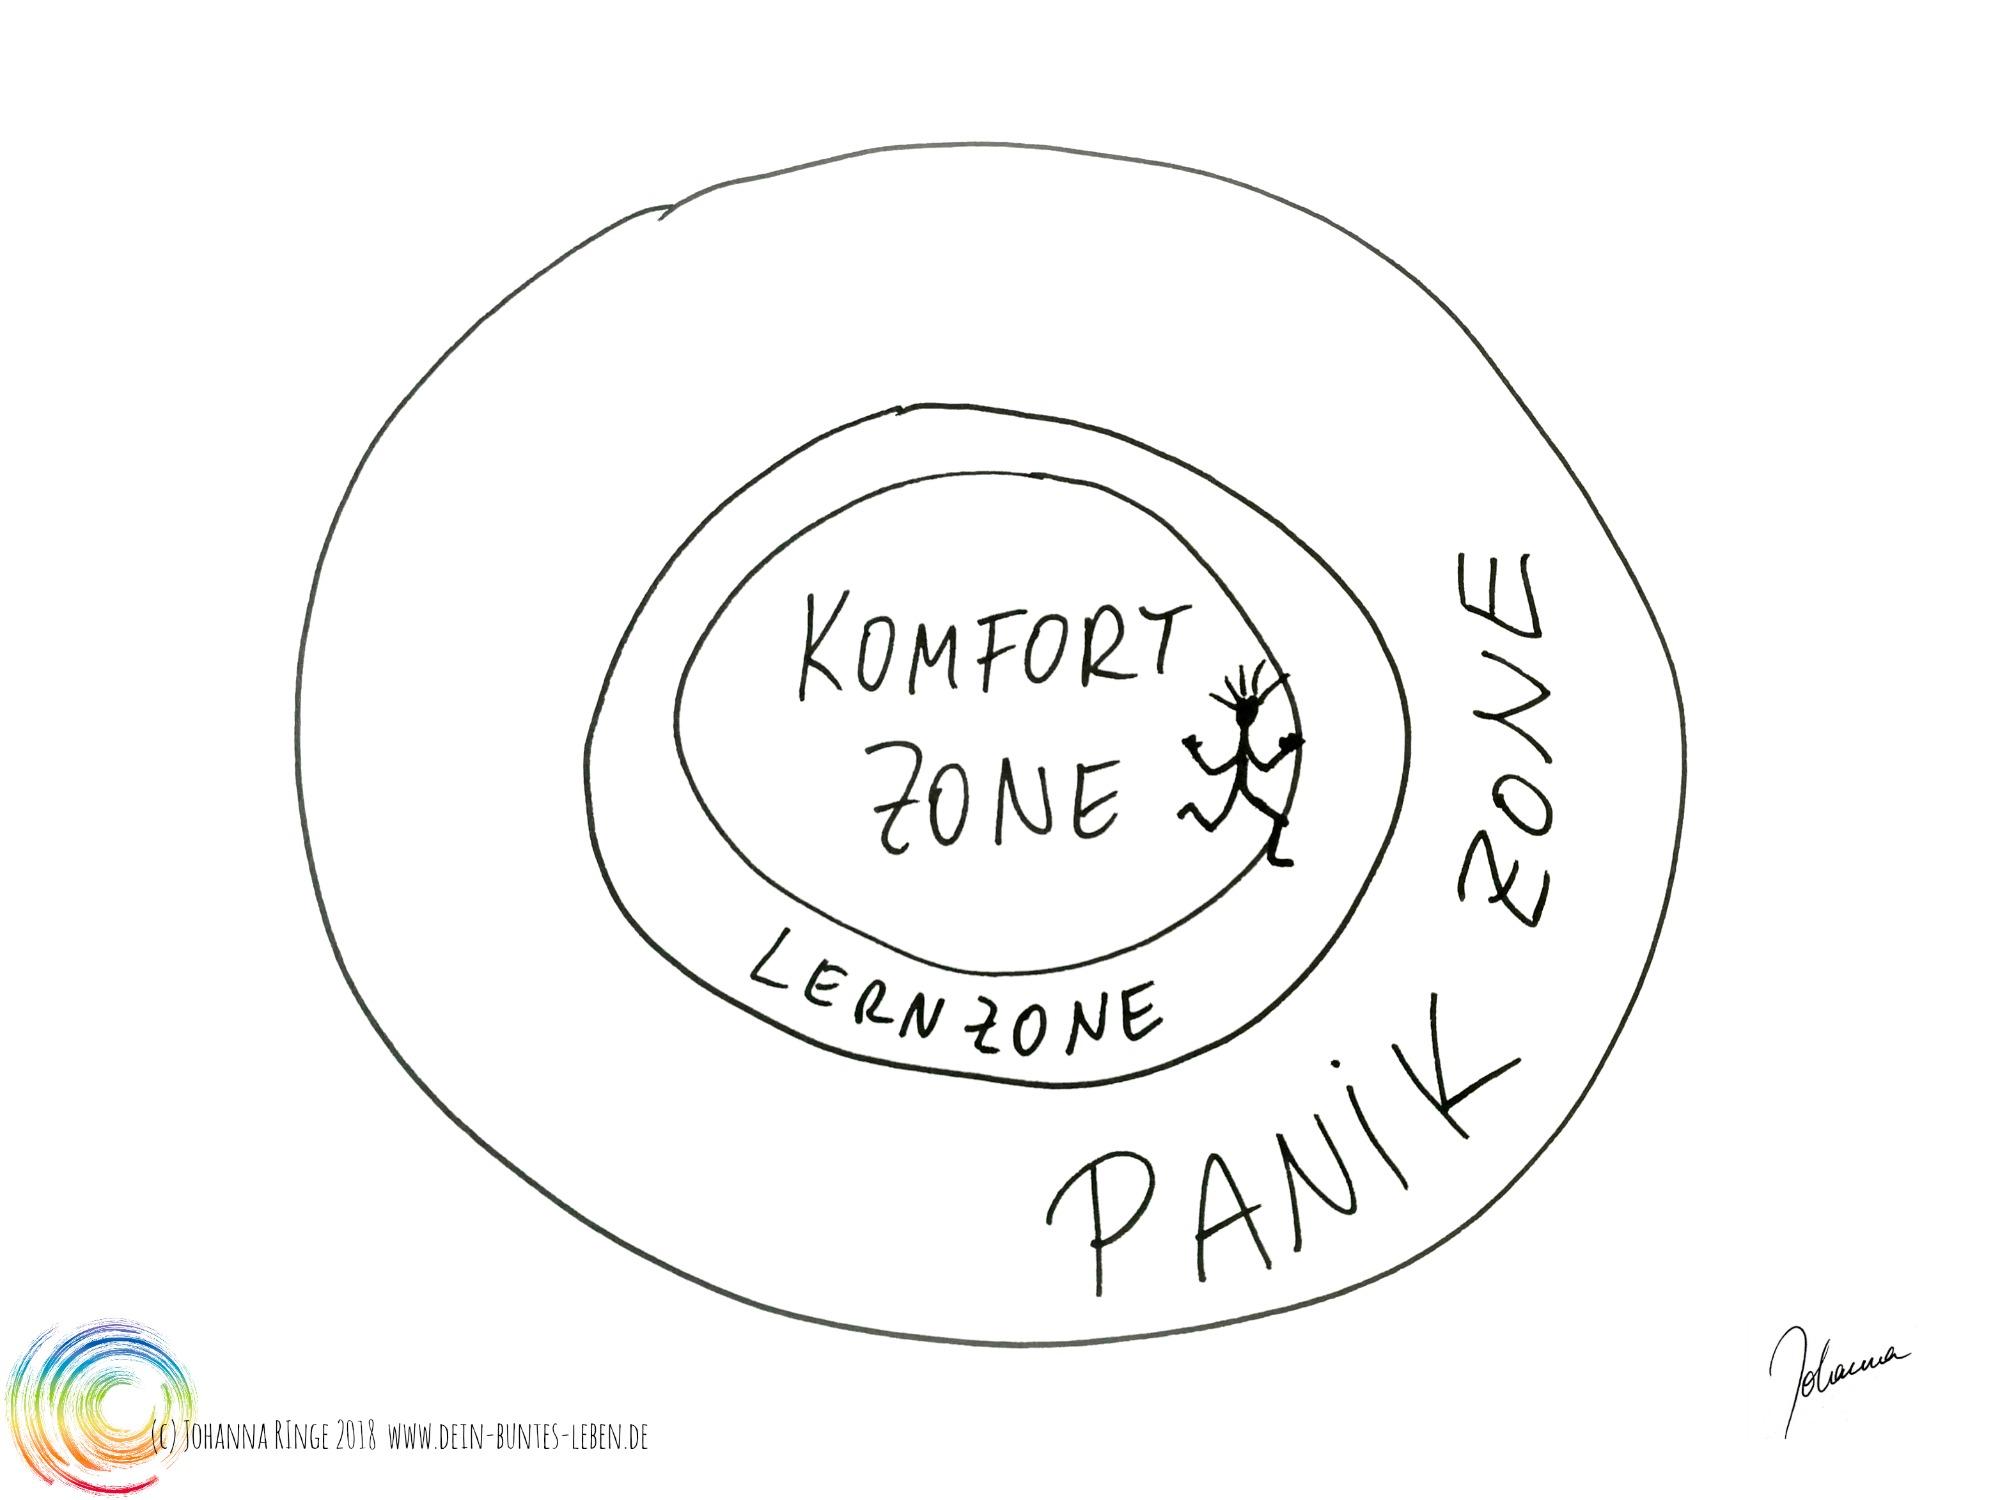 Lernen: Bild von konzentrischen Kreisen: innen Komfortzone, dann schmale Lernzone und aussen die Panikzone (c)2018 Johanna Ringe www.dein-buntes-leben.de